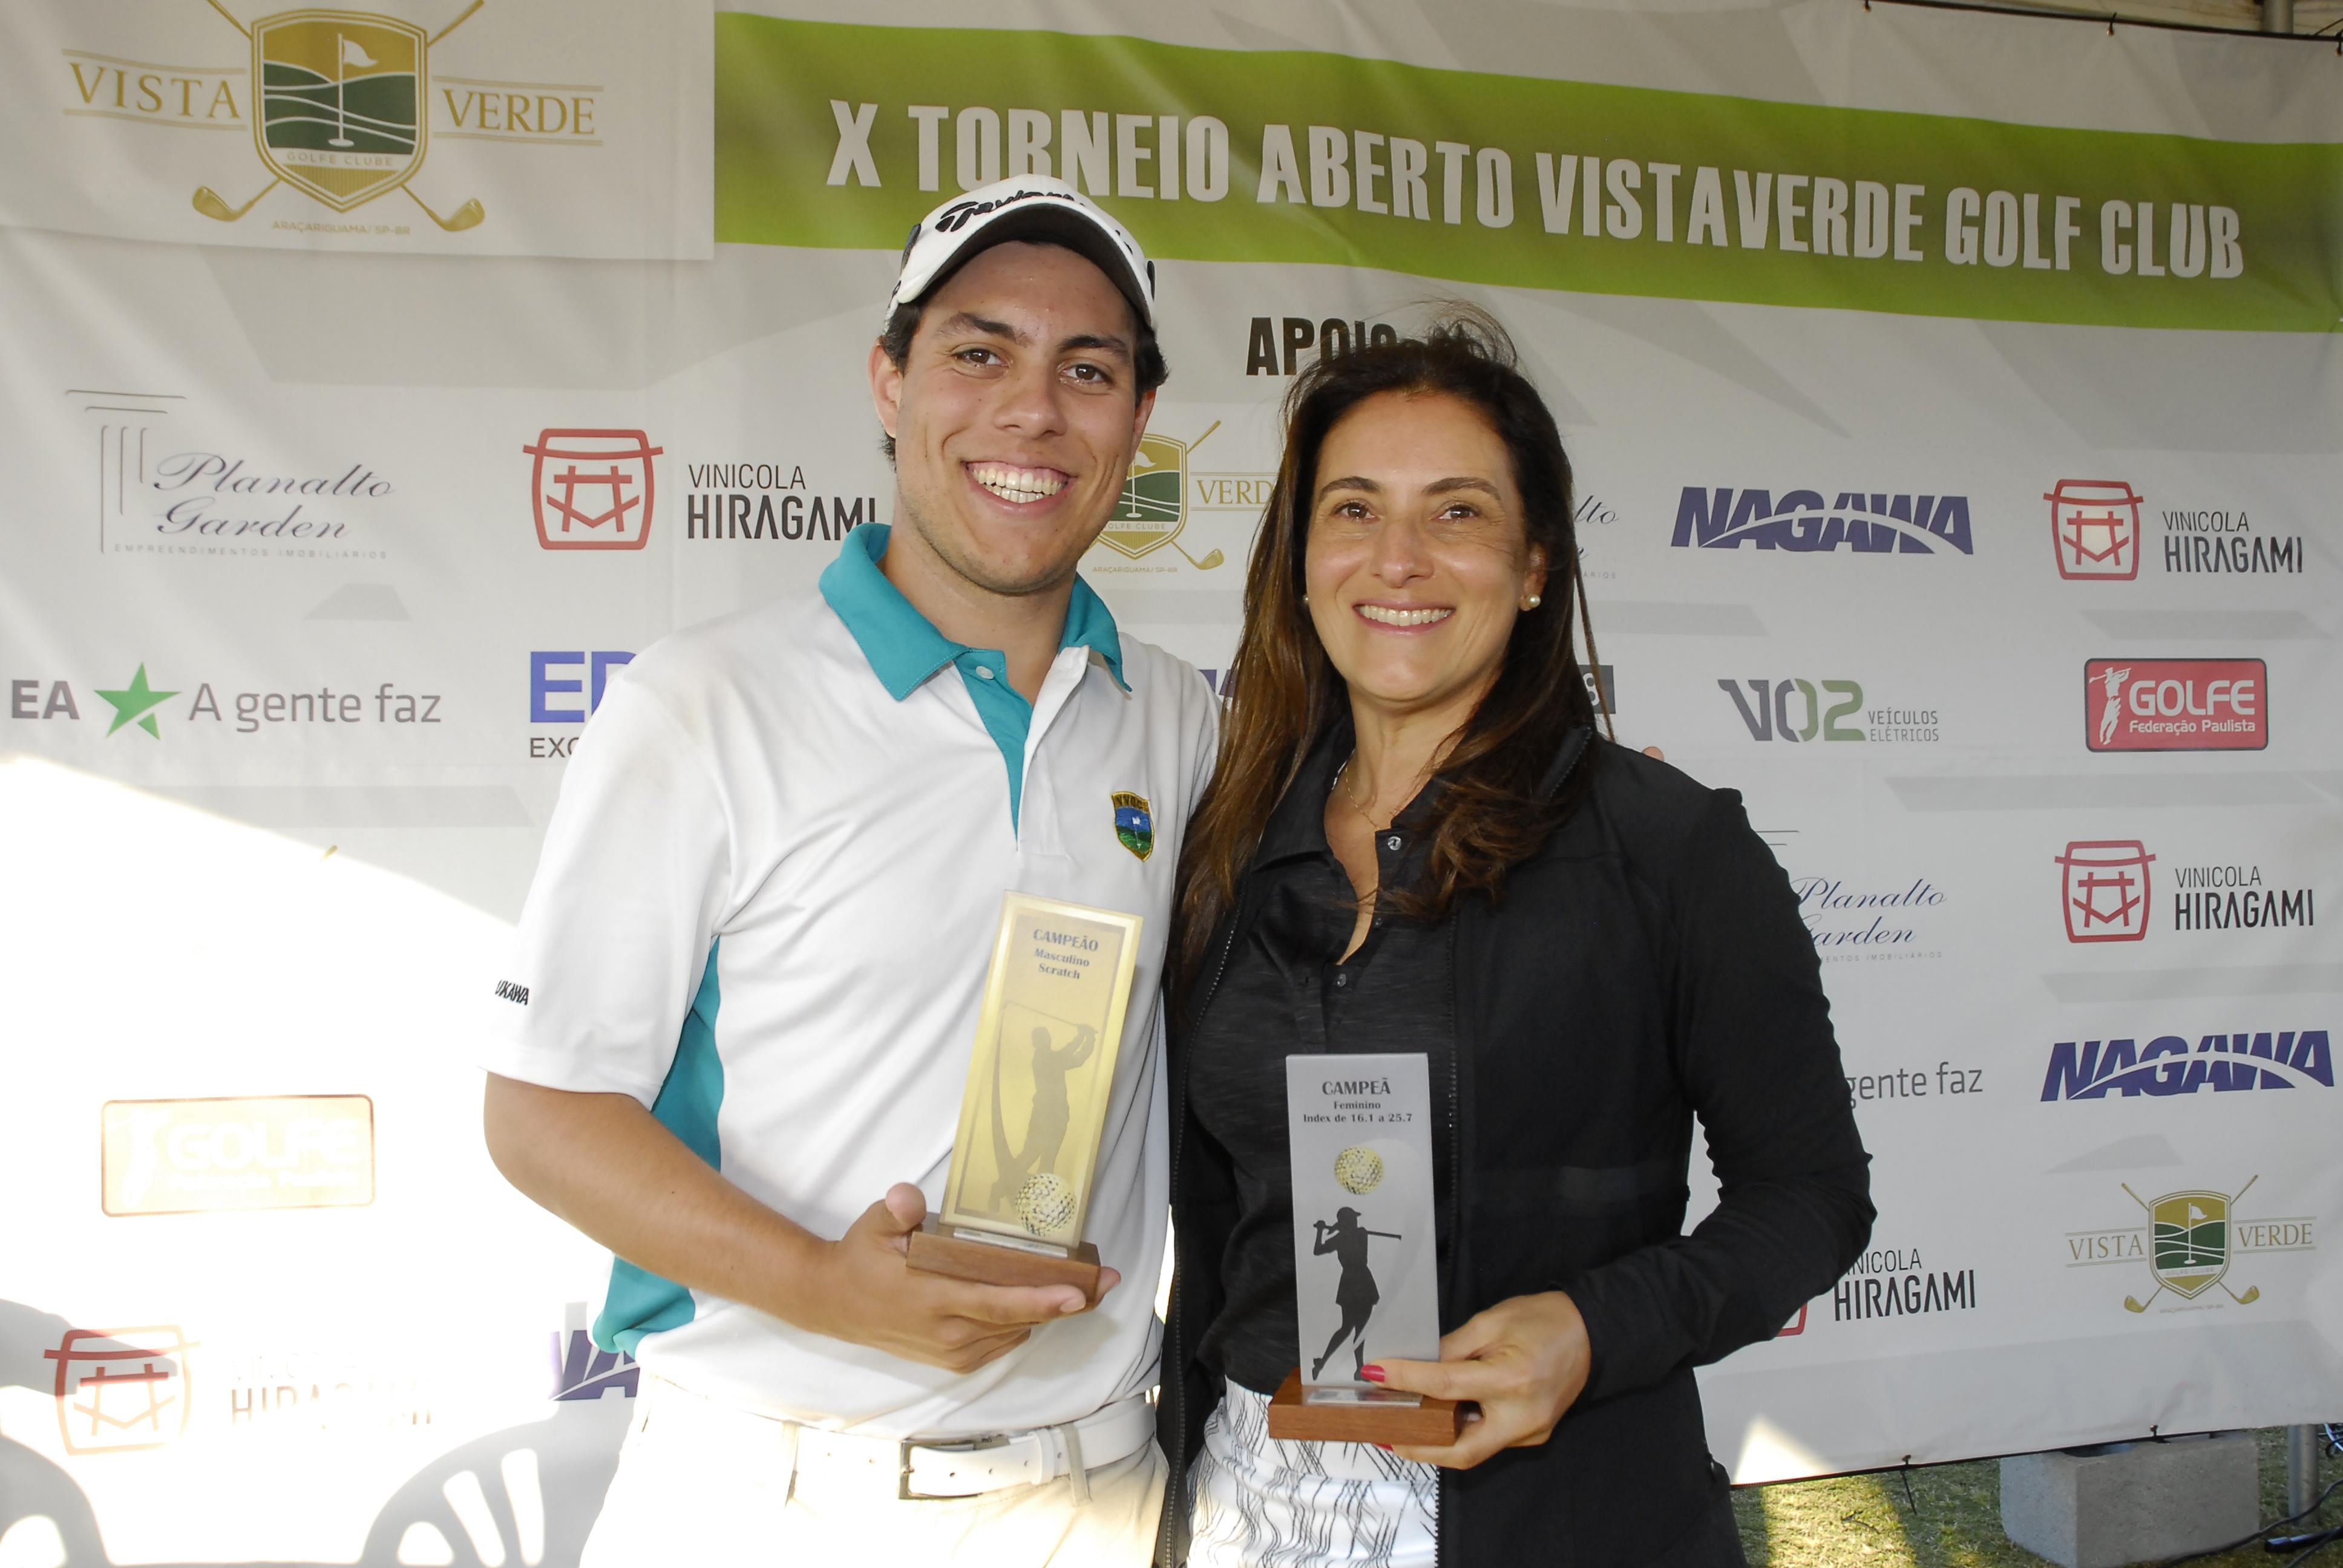 Paulo Vitor Mattos é campeão do Aberto do Vista Verde